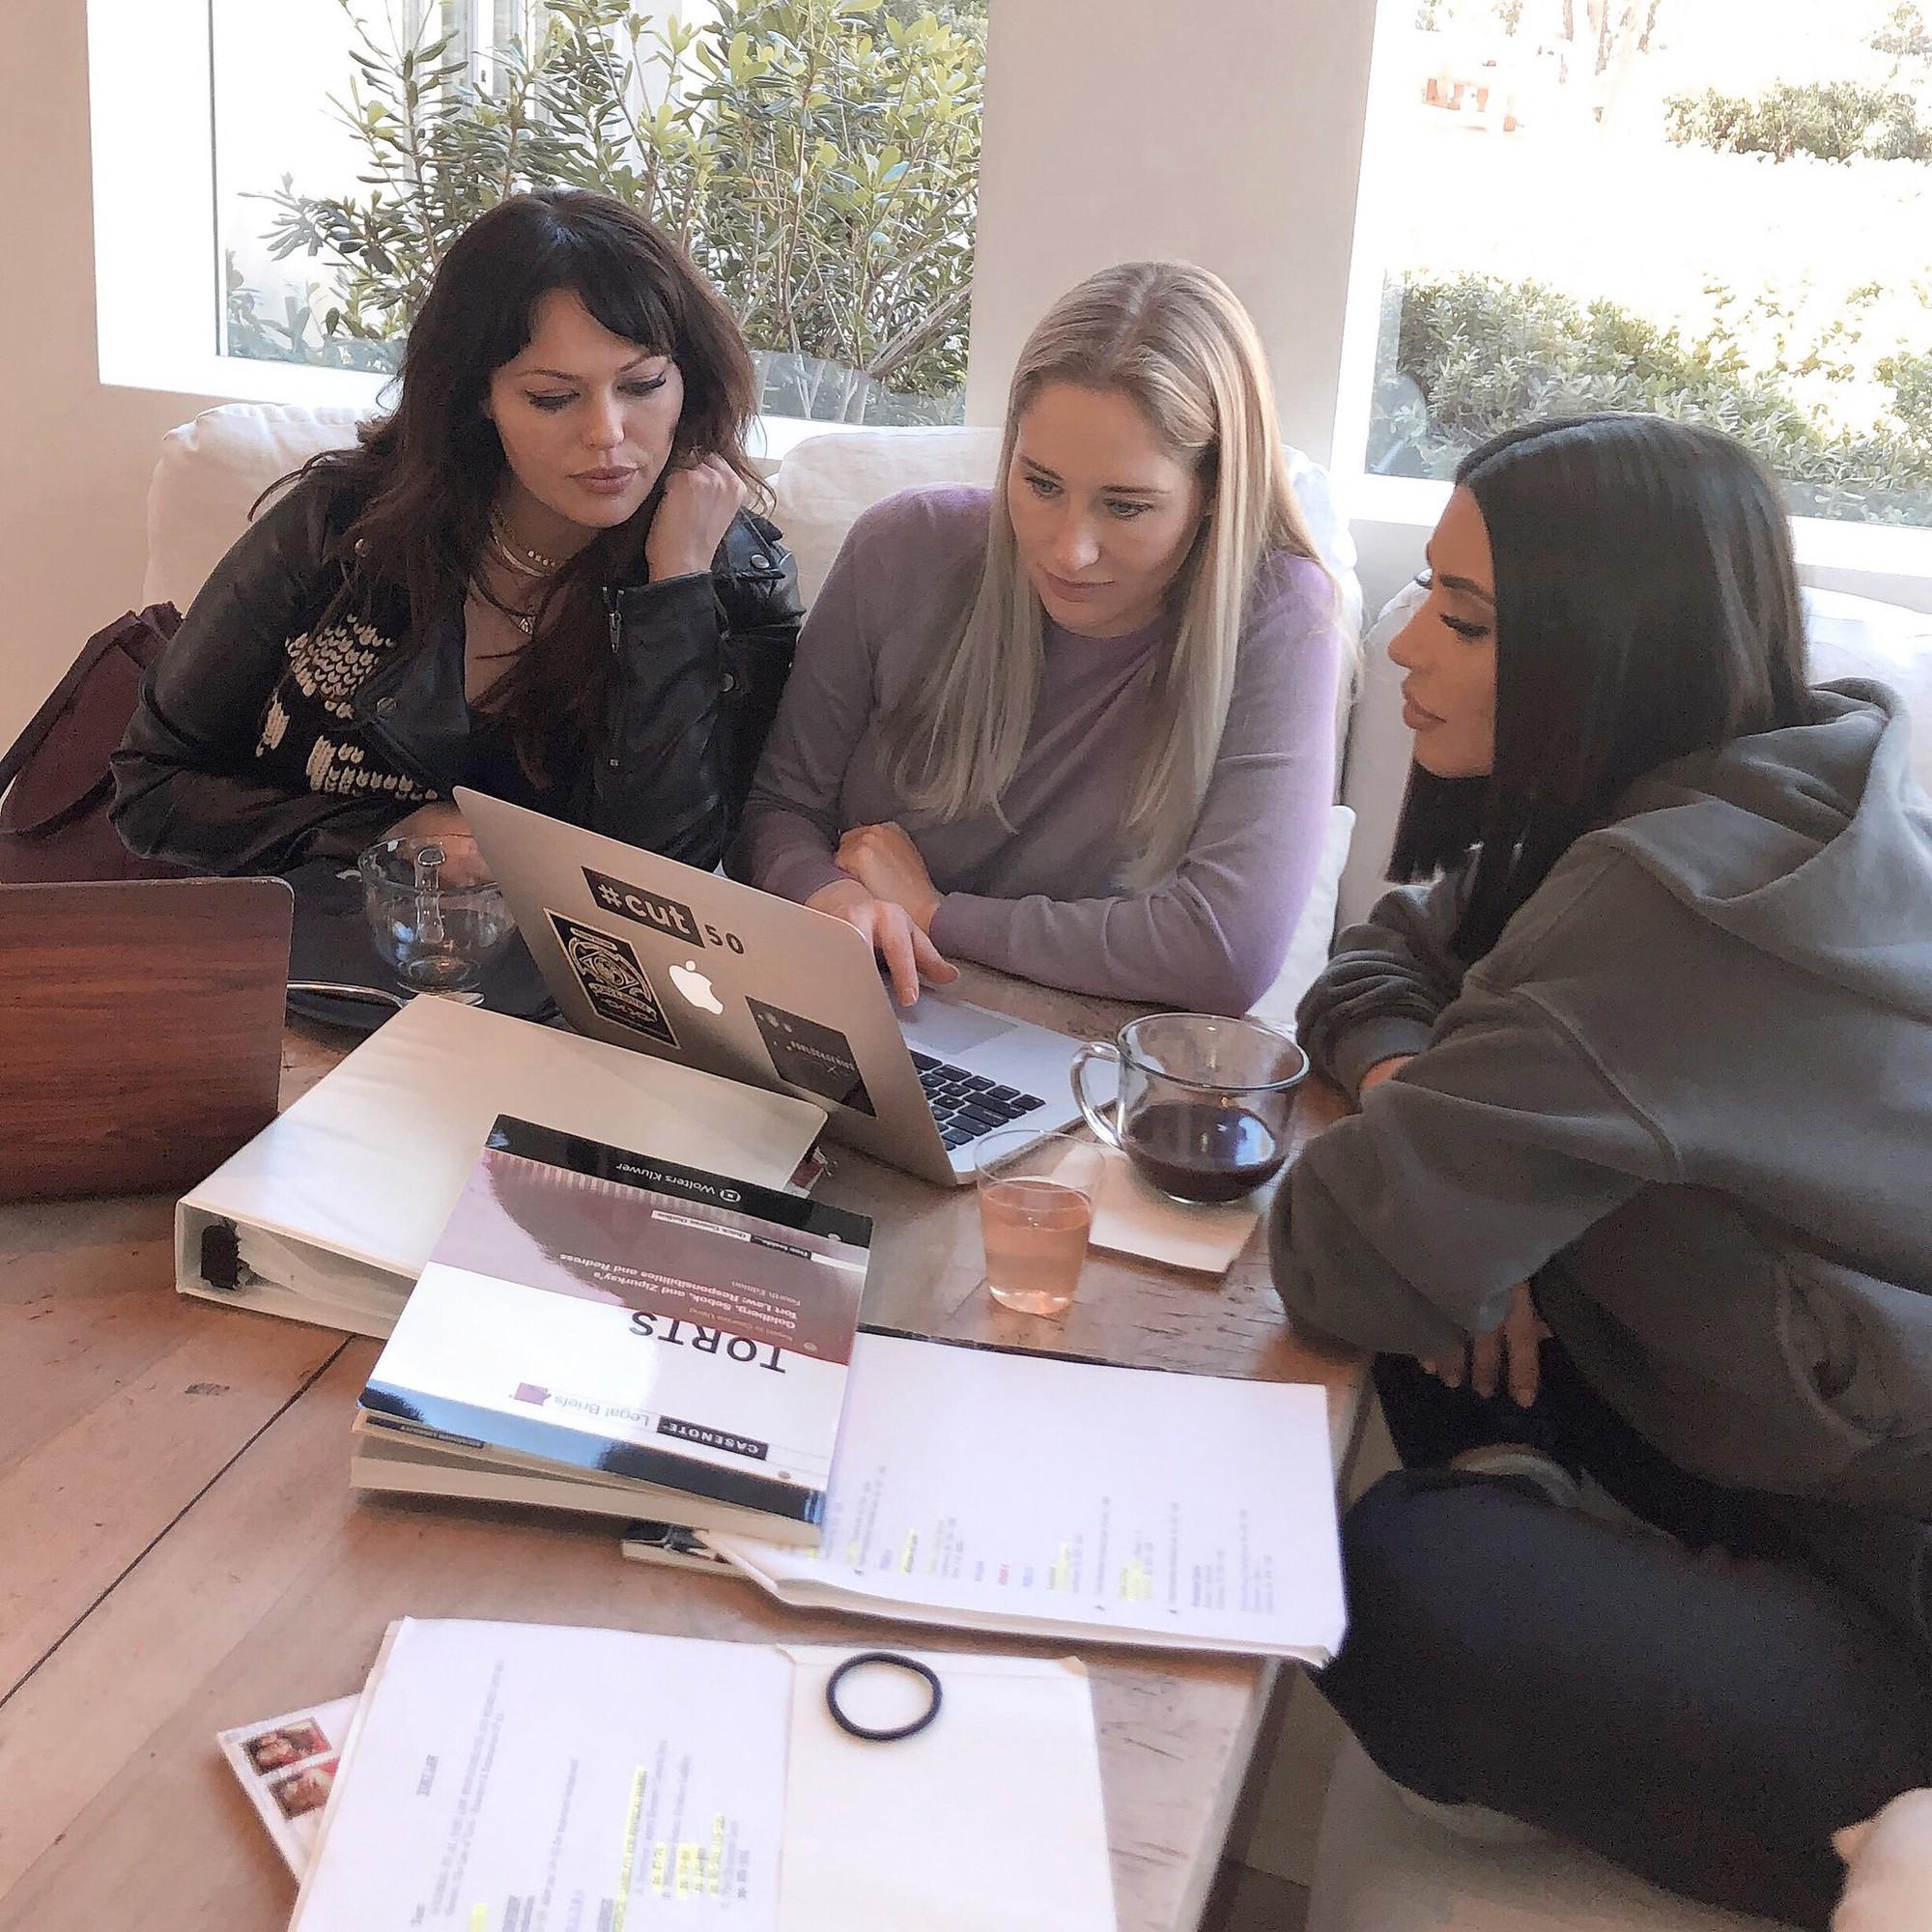 Ngỡ chỉ nổi nhờ chiêu trò rẻ tiền, Kim Kardashian lại khiến cả thế giới choáng với học thức khủng, tài kinh doanh quá đỉnh - Ảnh 3.